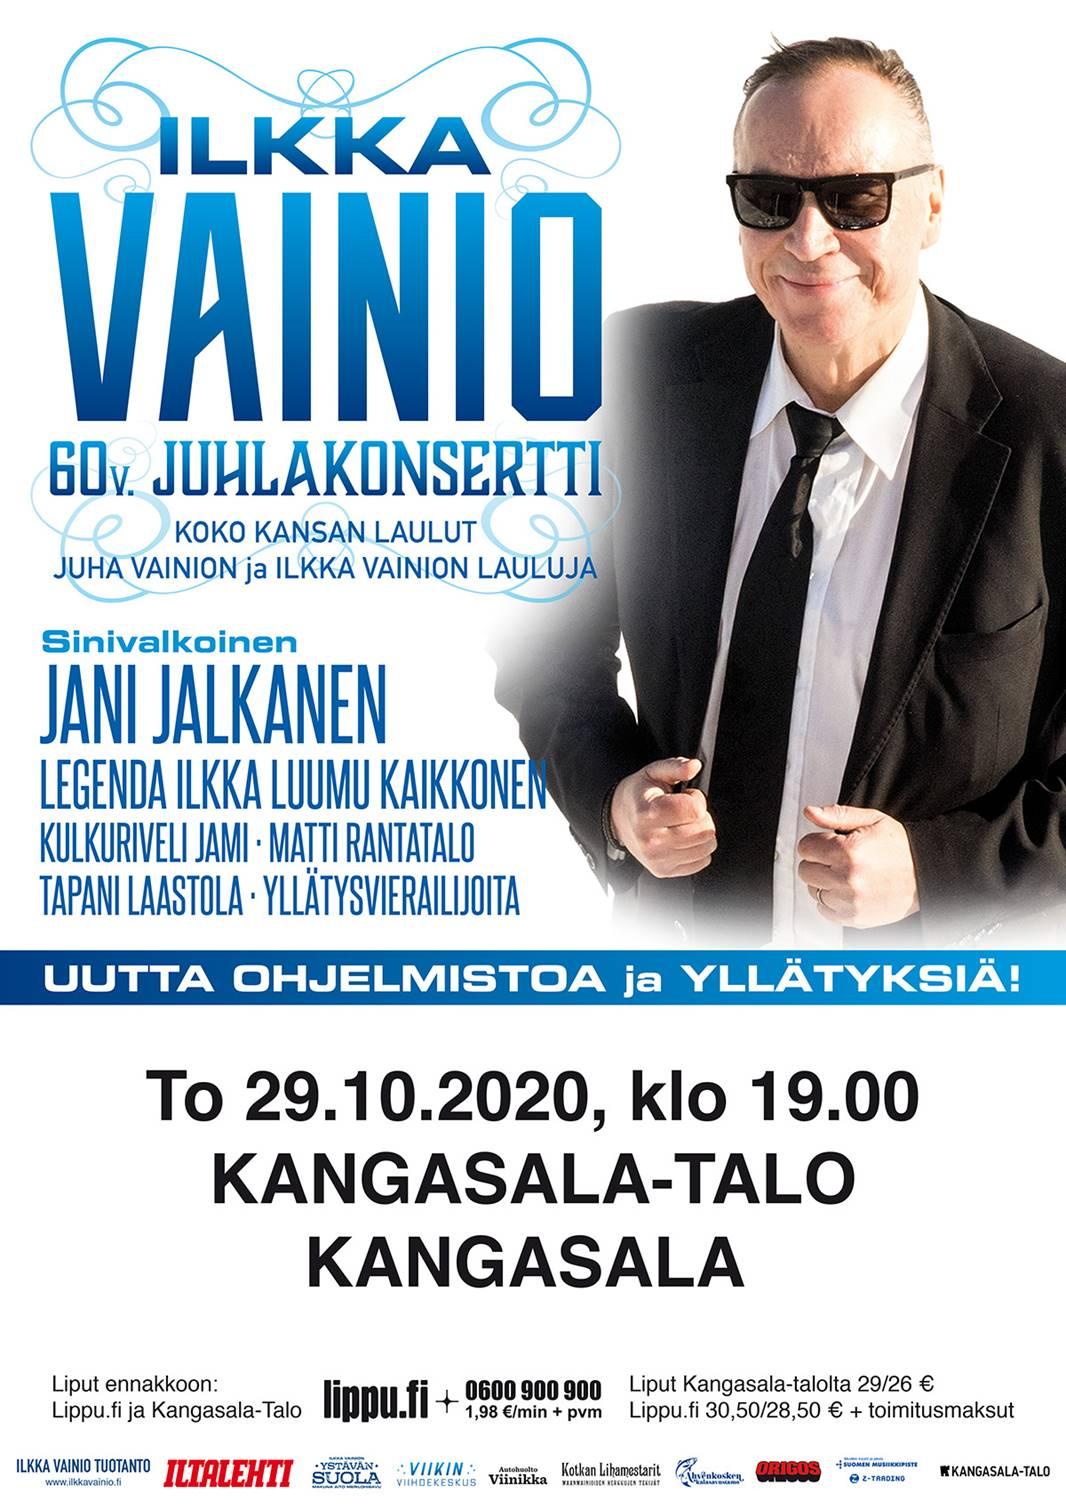 Ilkka Vainio 60v. Juhlakonsertti lokakuussa 2020 Kangasala-talossa.